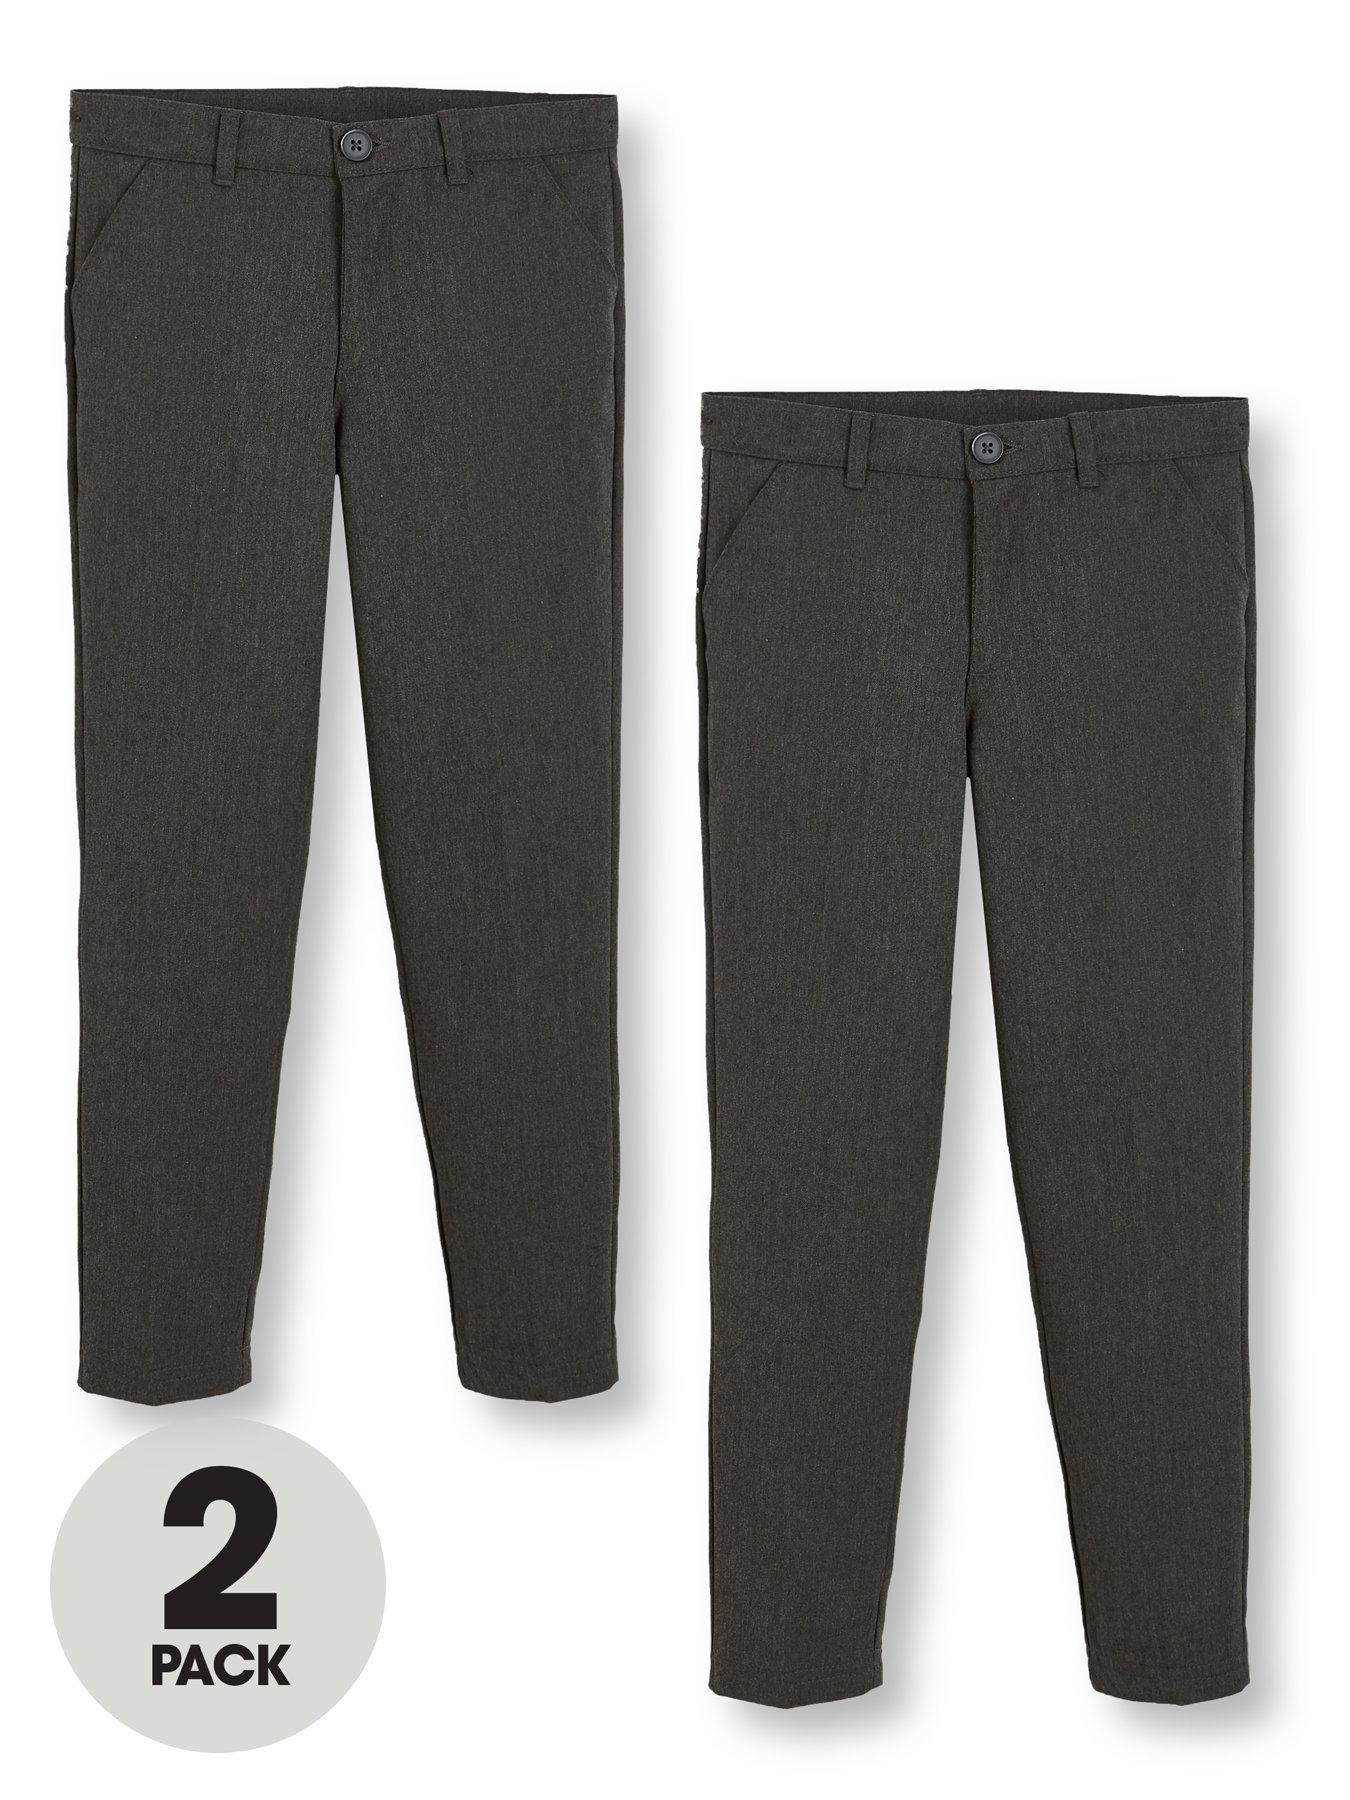 Boys Khakhi School Uniform Shorts Adjustable Waist Size 22